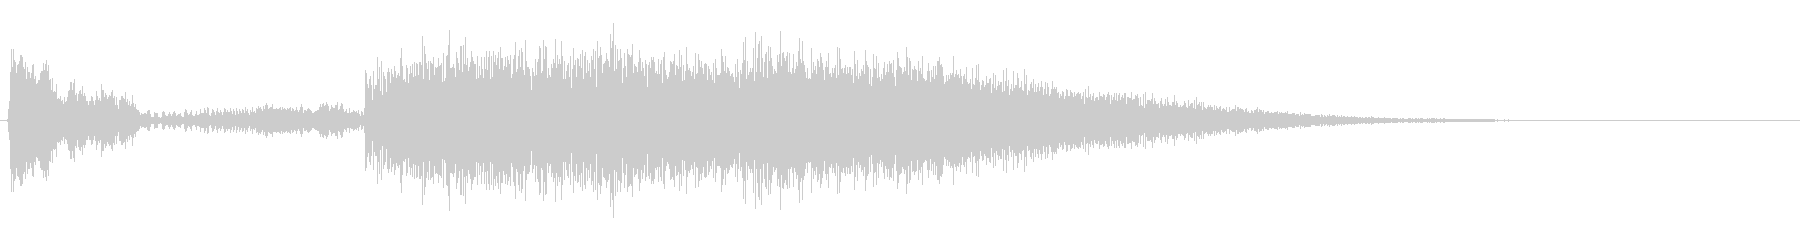 ヒューーードカンの未再生の波形